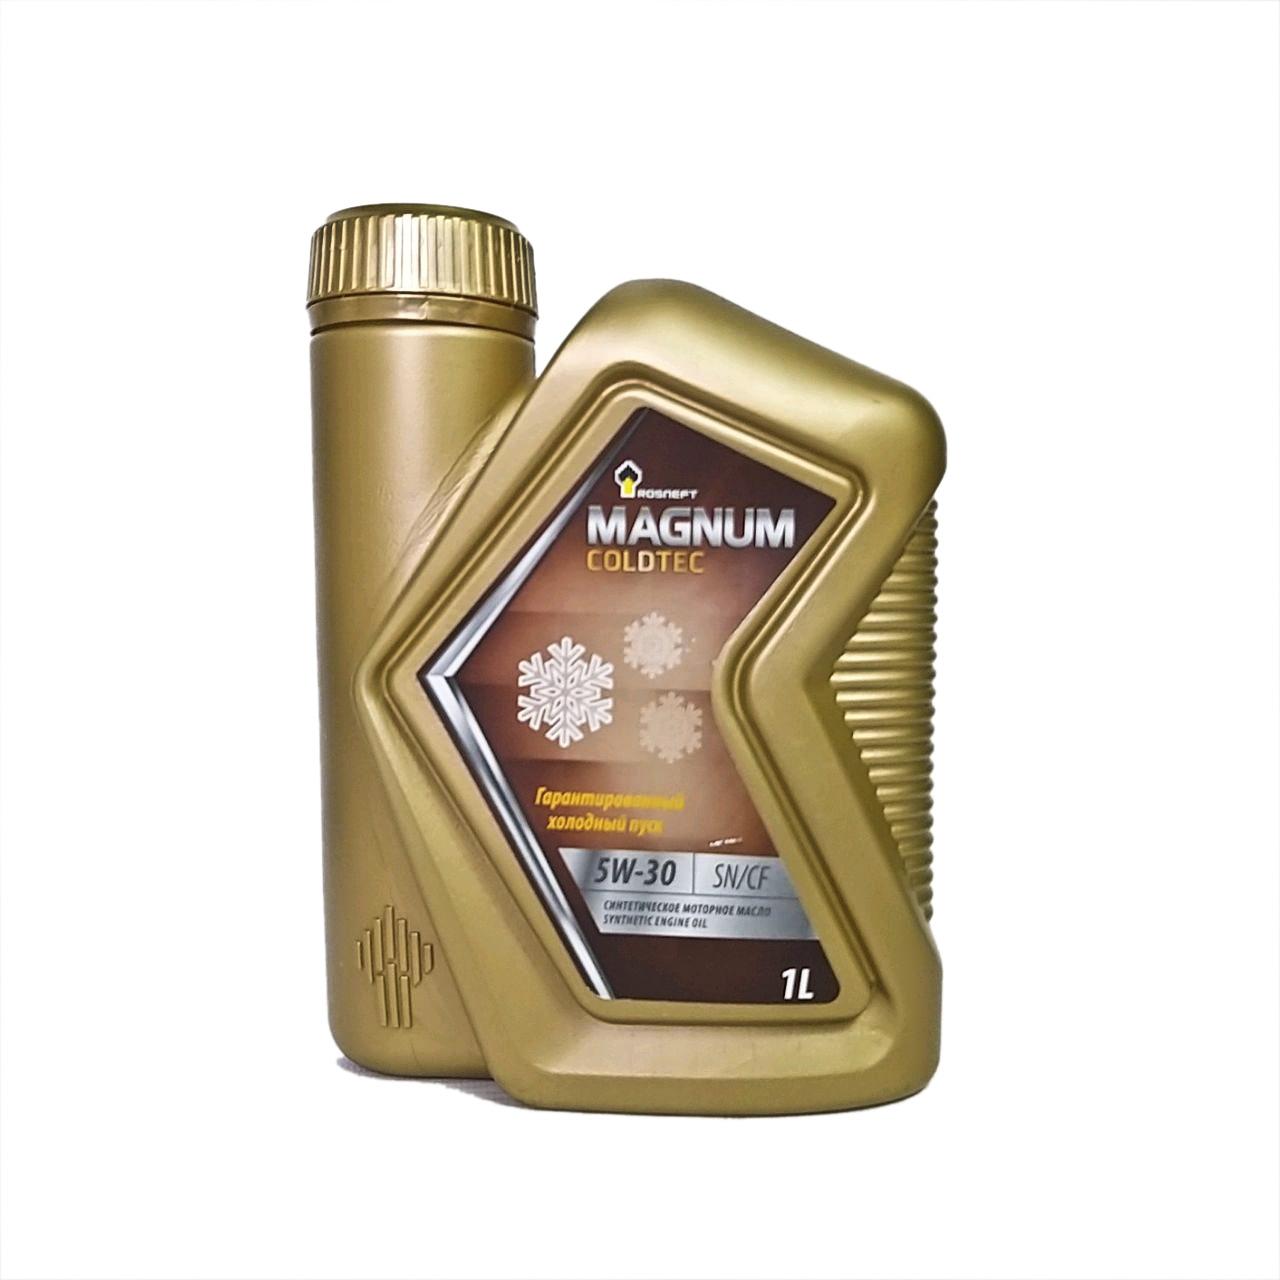 Rosneft Magnum Coldtec 5W-30  (SN/CF) 1L.